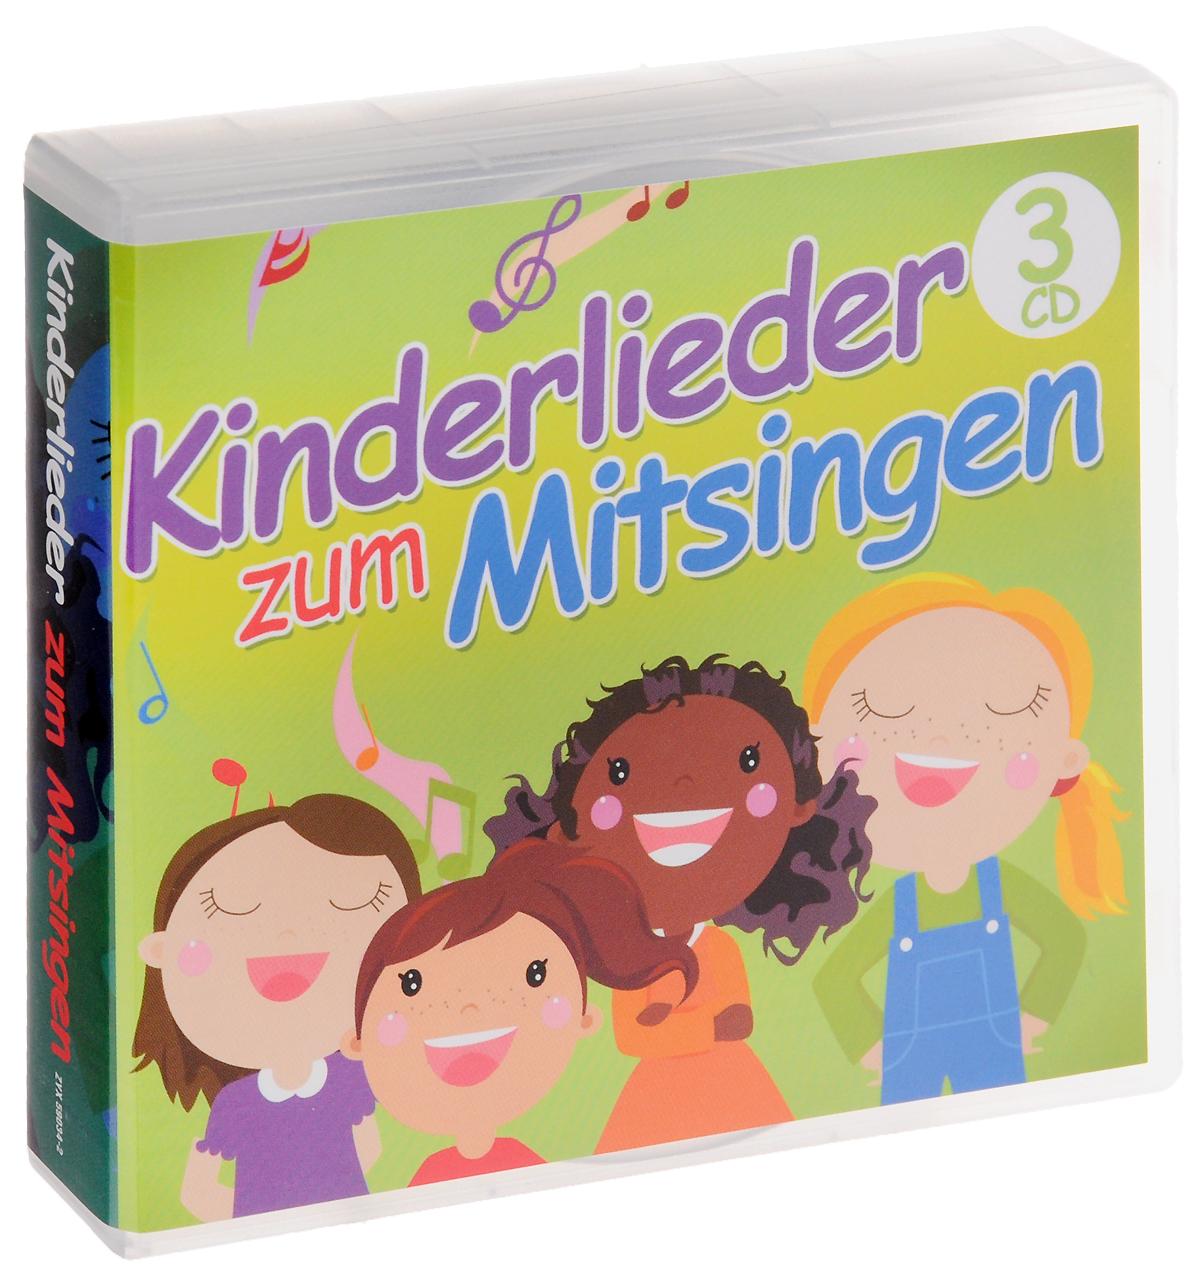 Pirat Paulchen,Kinderchor,Madagascar 5 Kinderlieder Zum Mitsingen (3 CD)